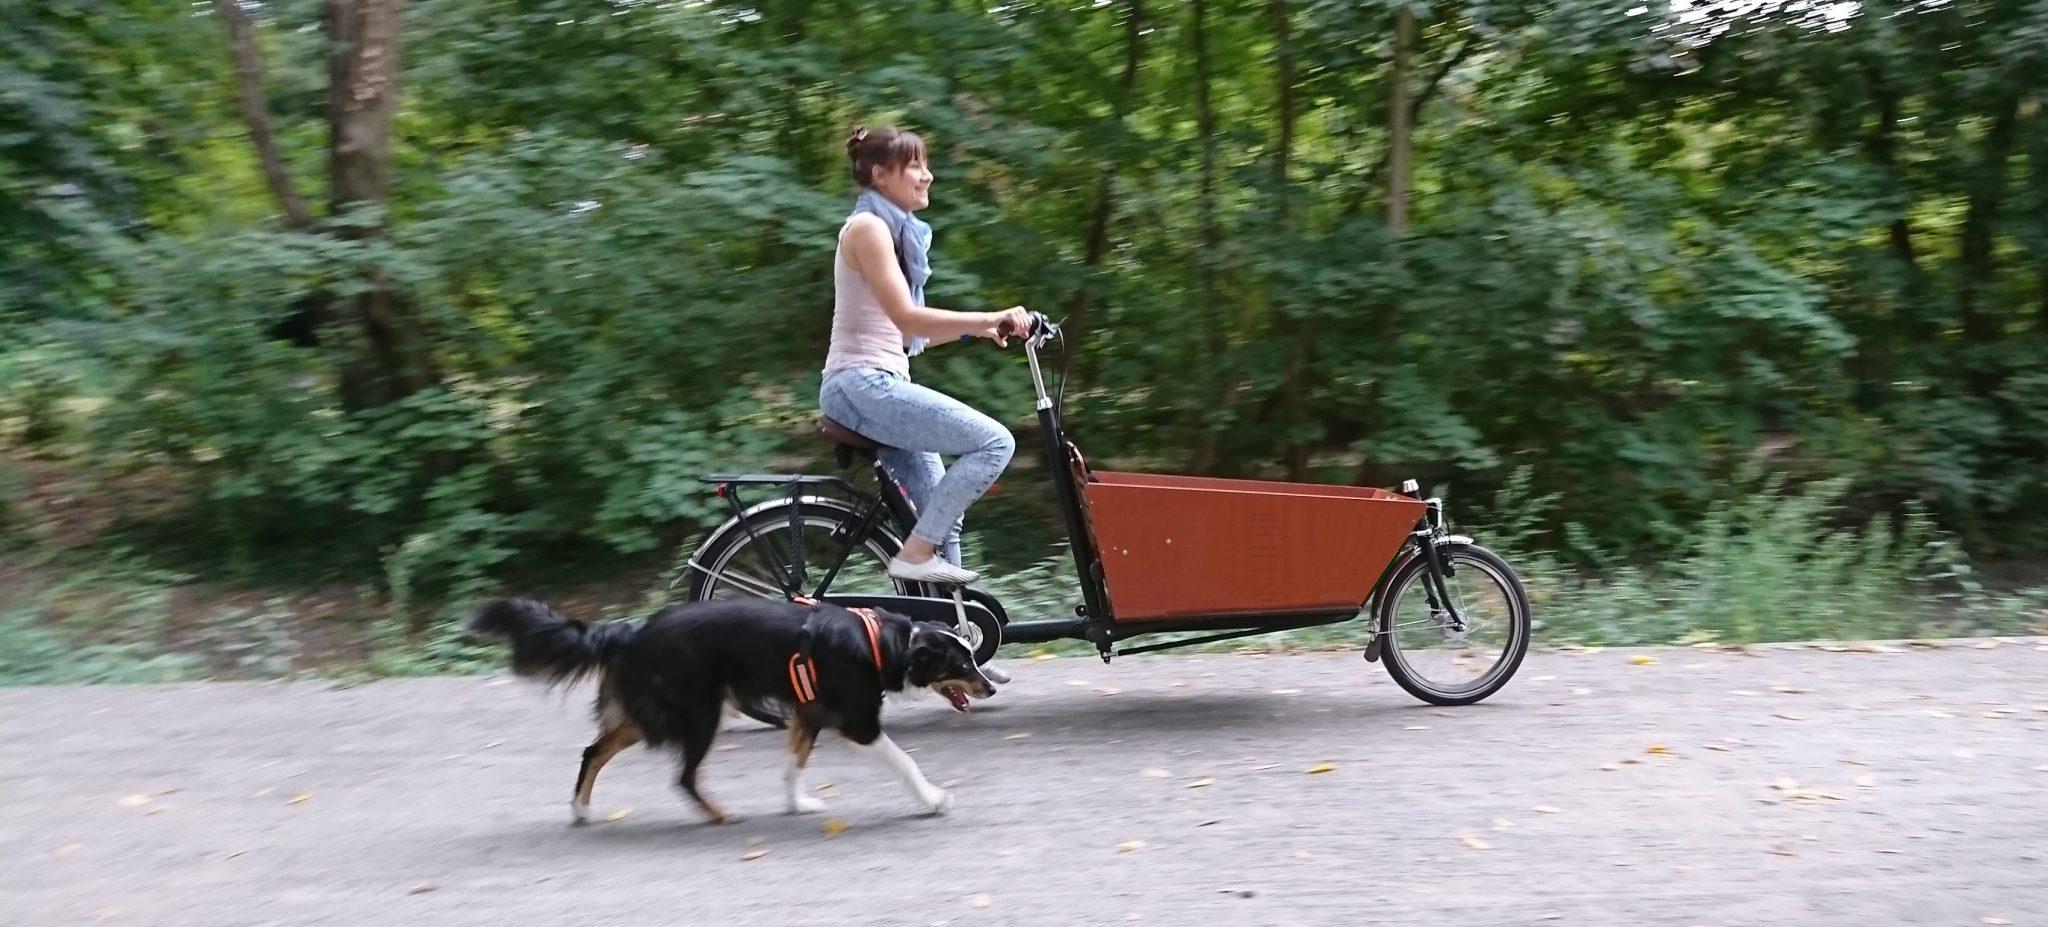 Hund laeuft am Lastenrad Bakfiets